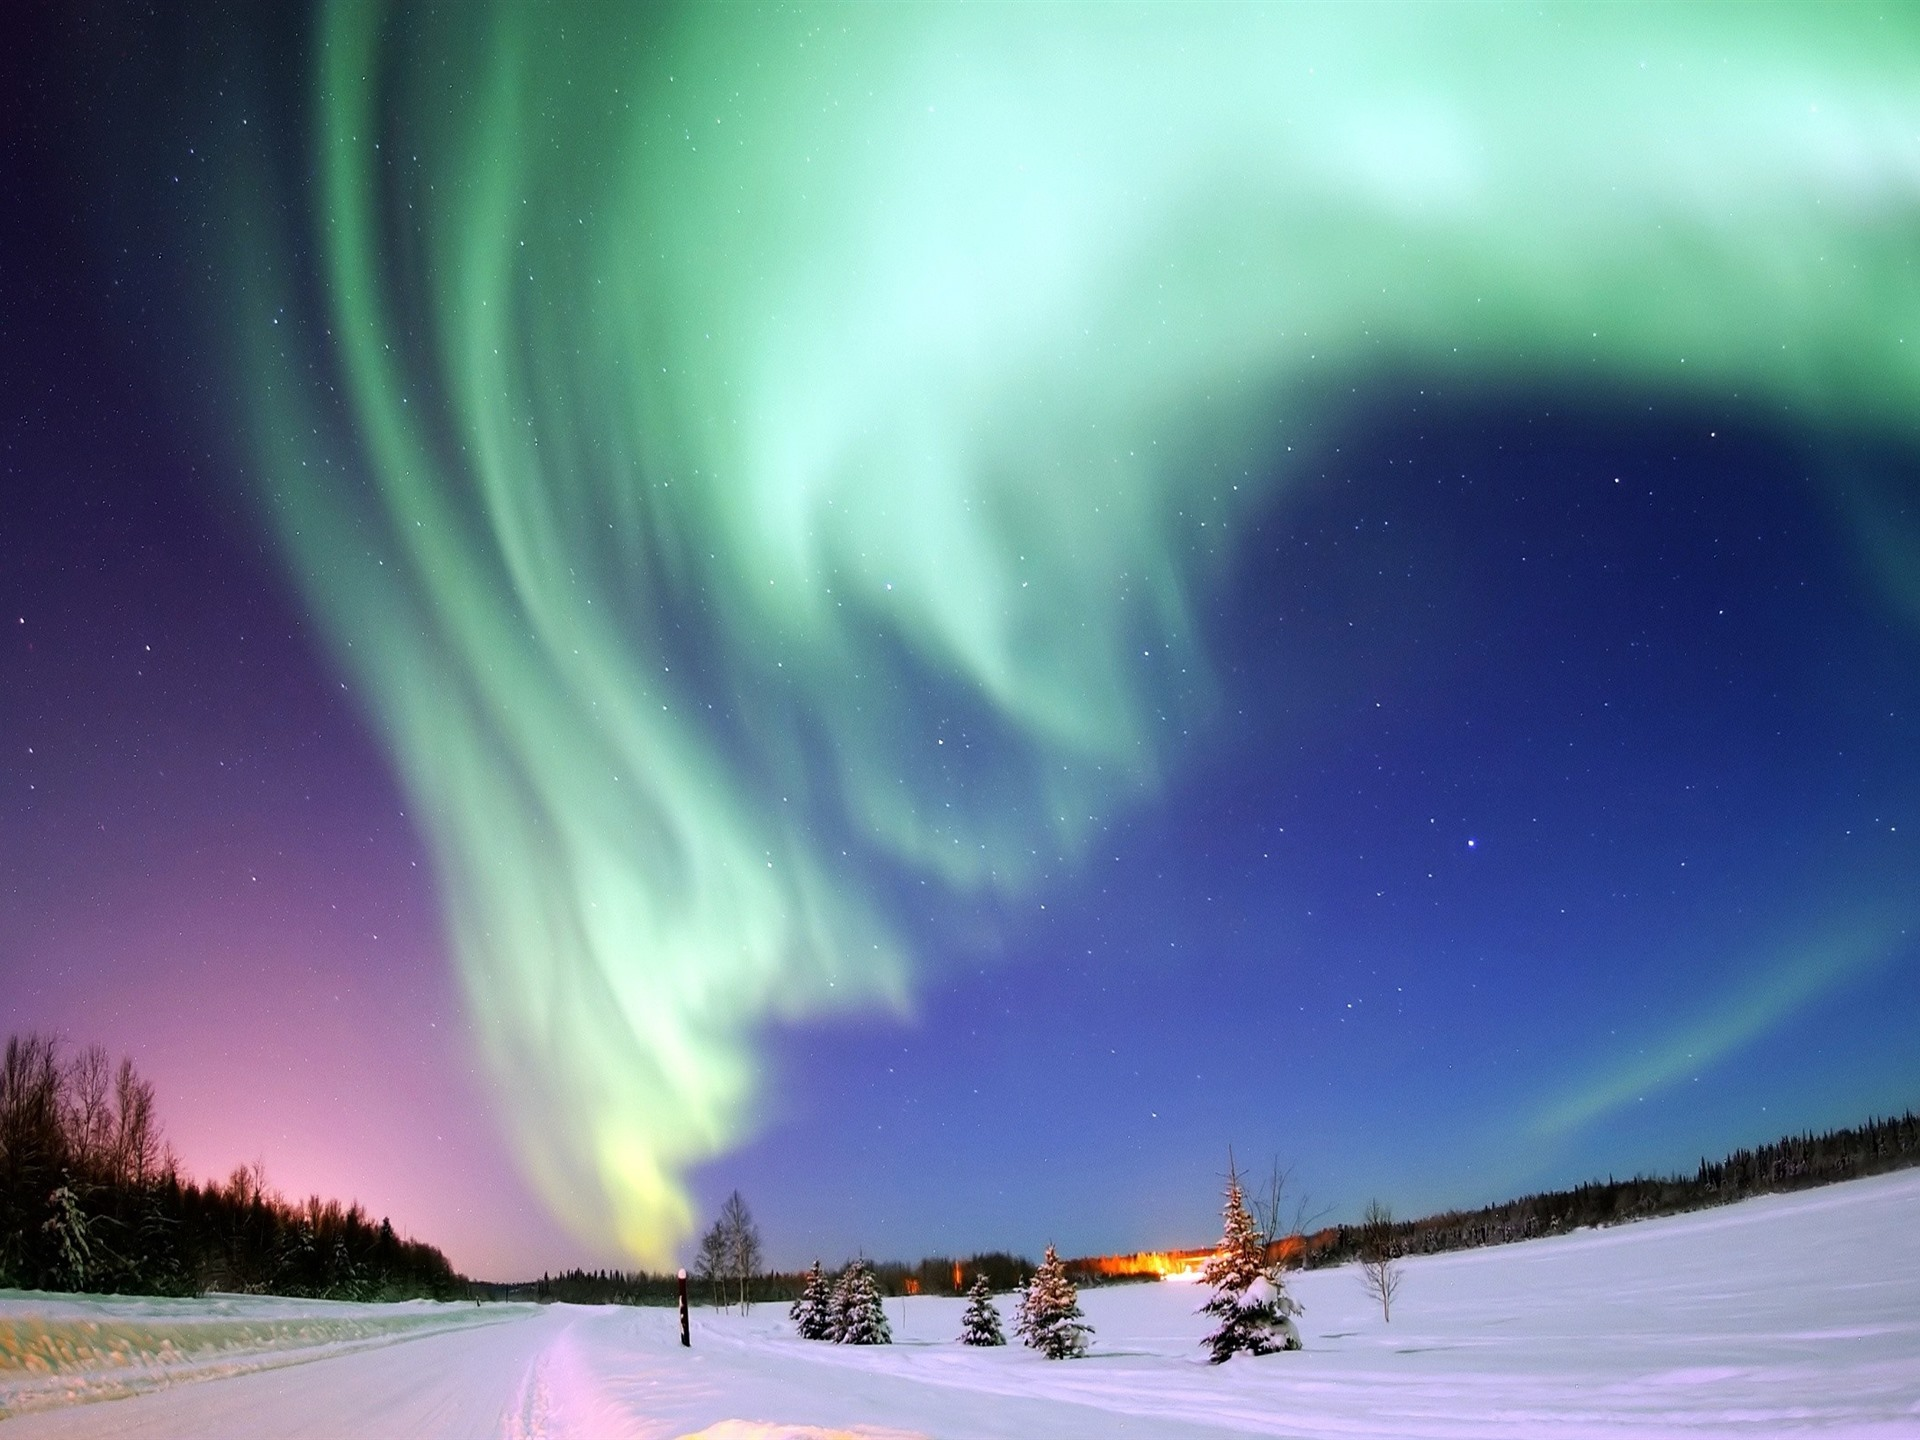 壁紙 美しいオーロラ 雪 星 夜 2560x1600 Hd 無料のデスクトップの背景 画像